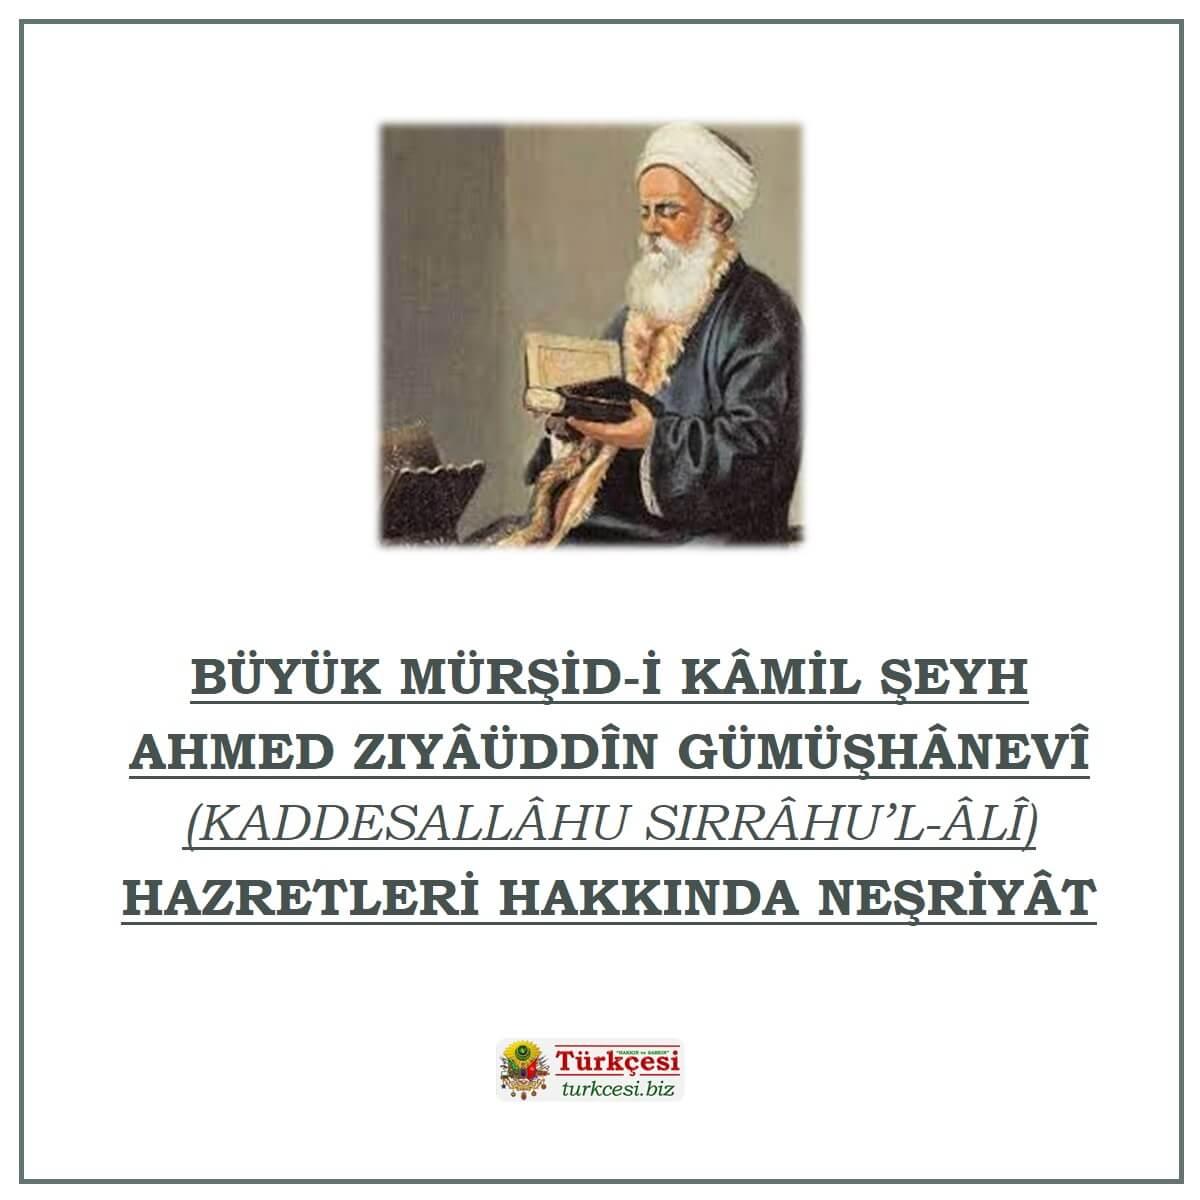 ahmed-ziyauddin-gumushanevi-nesriyat